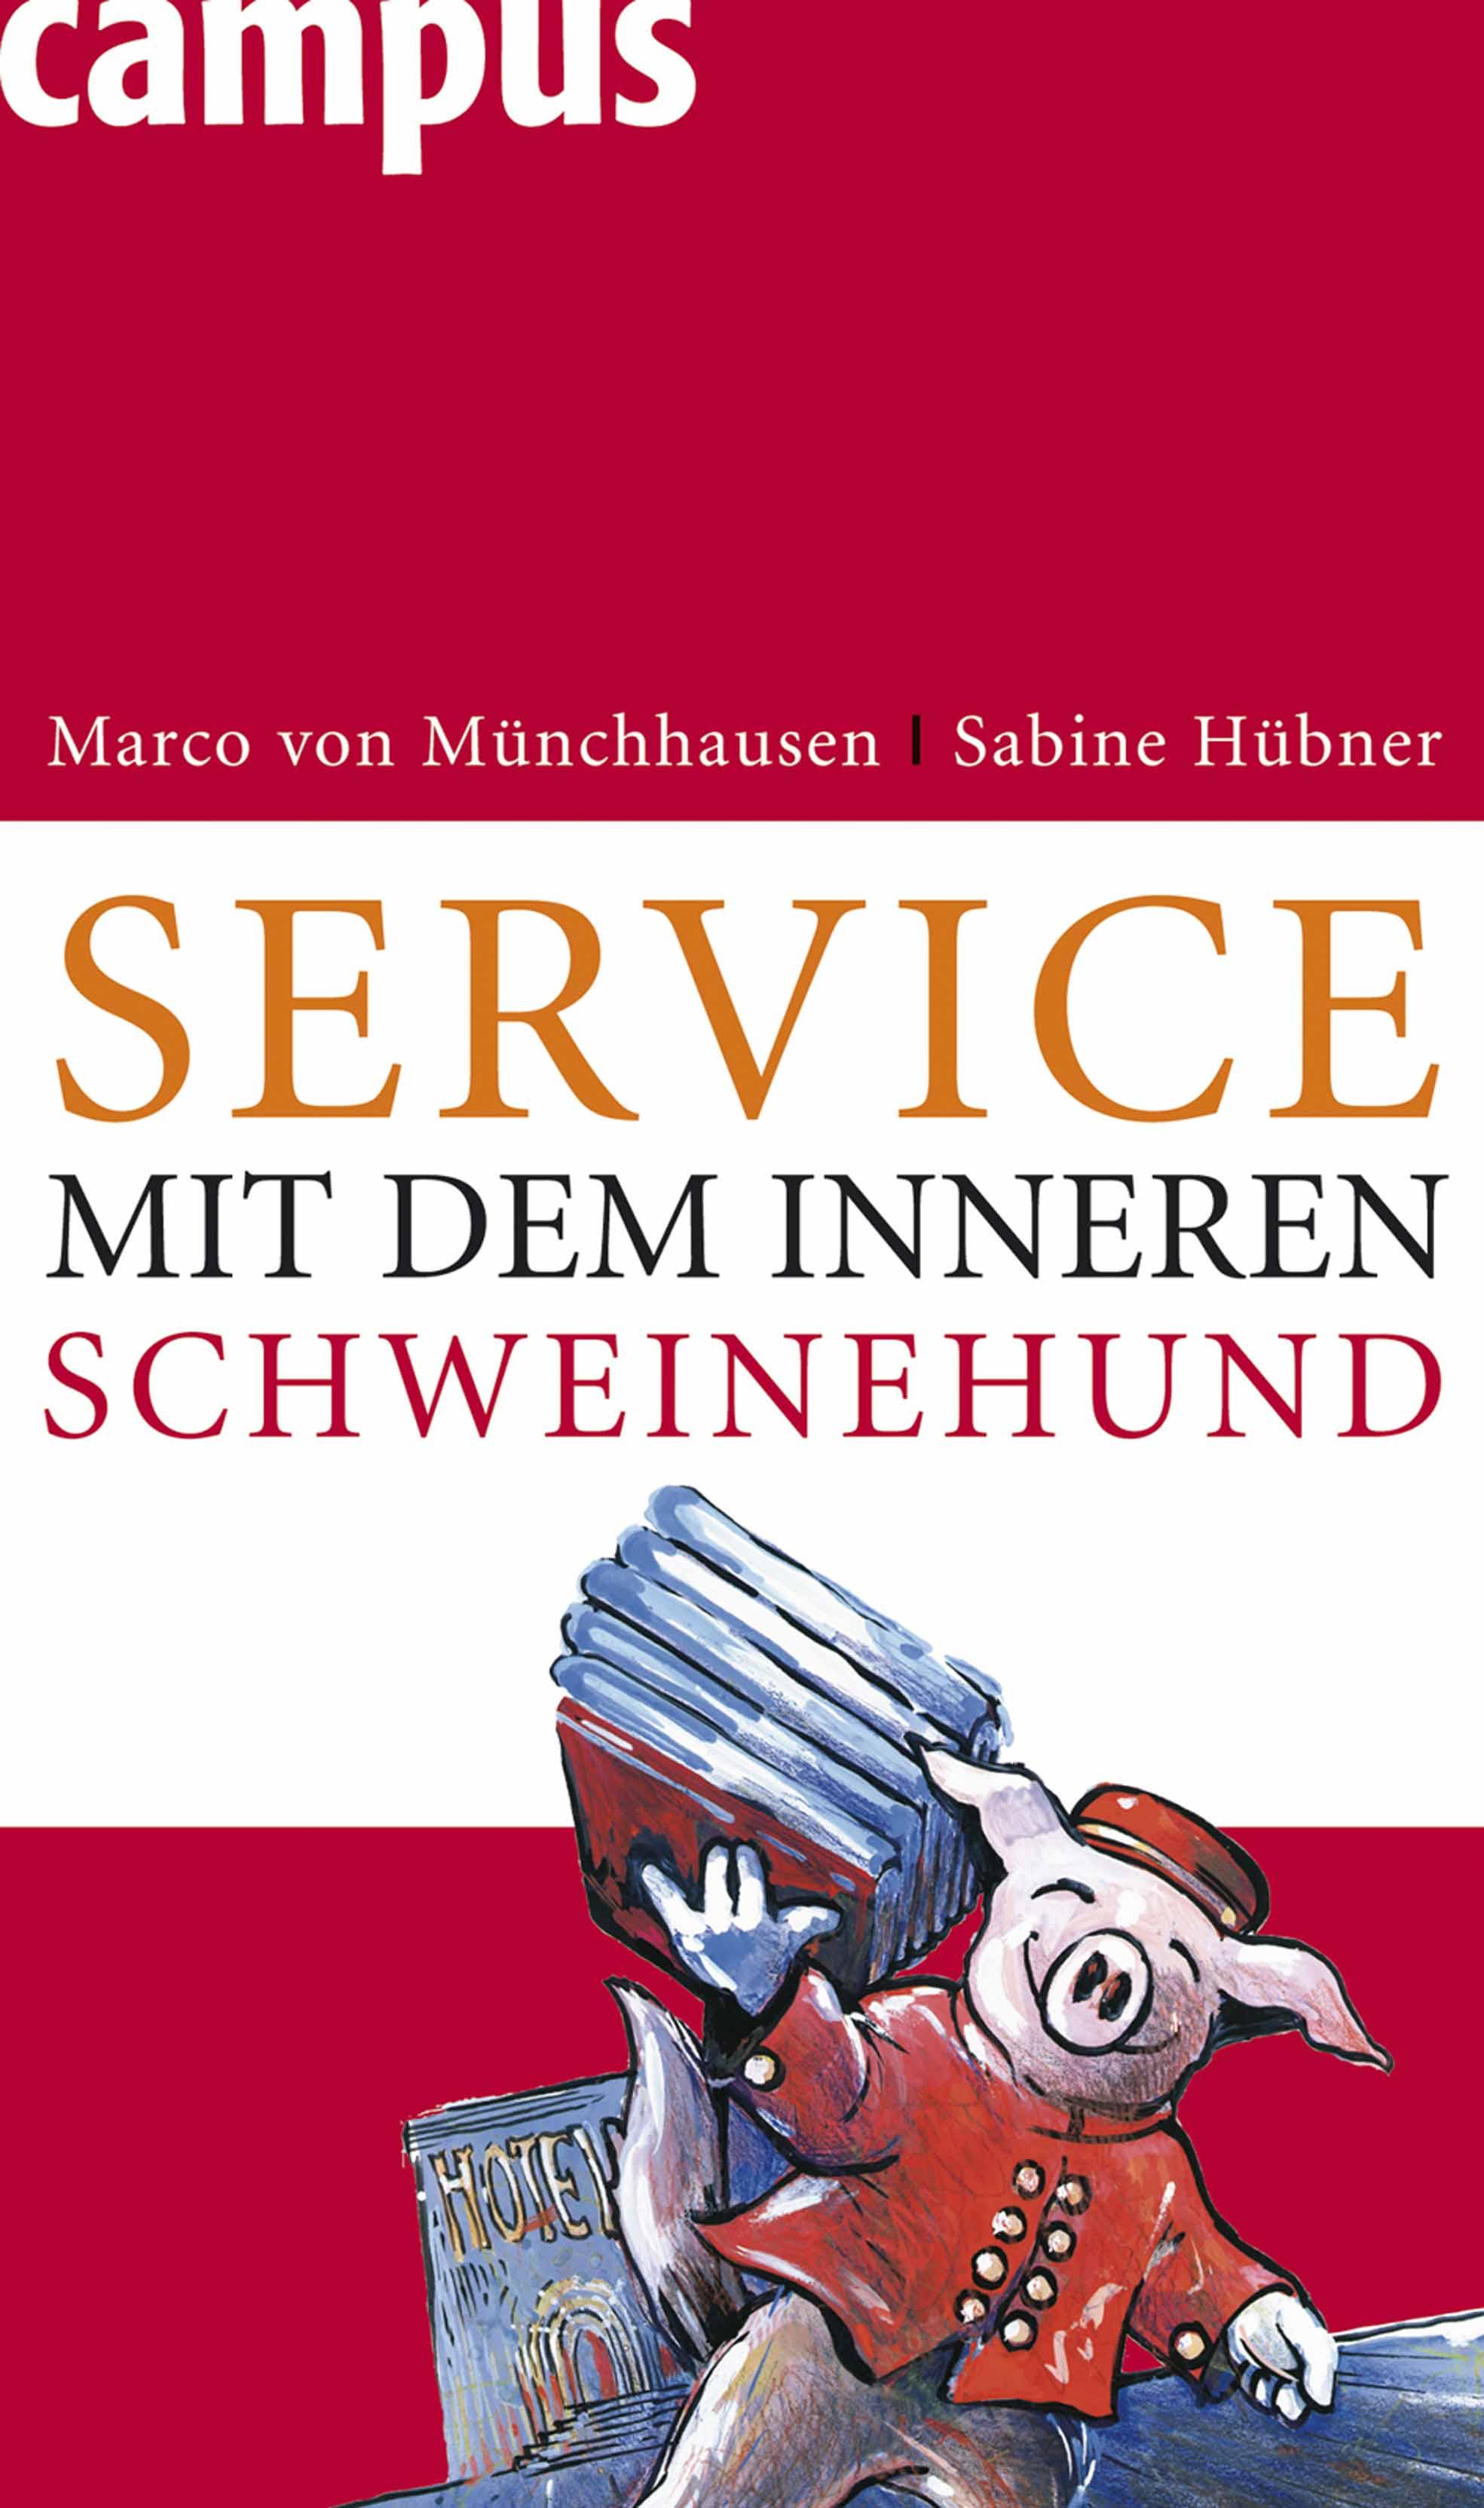 Service mit dem inneren Schweinehund - Marco vo...